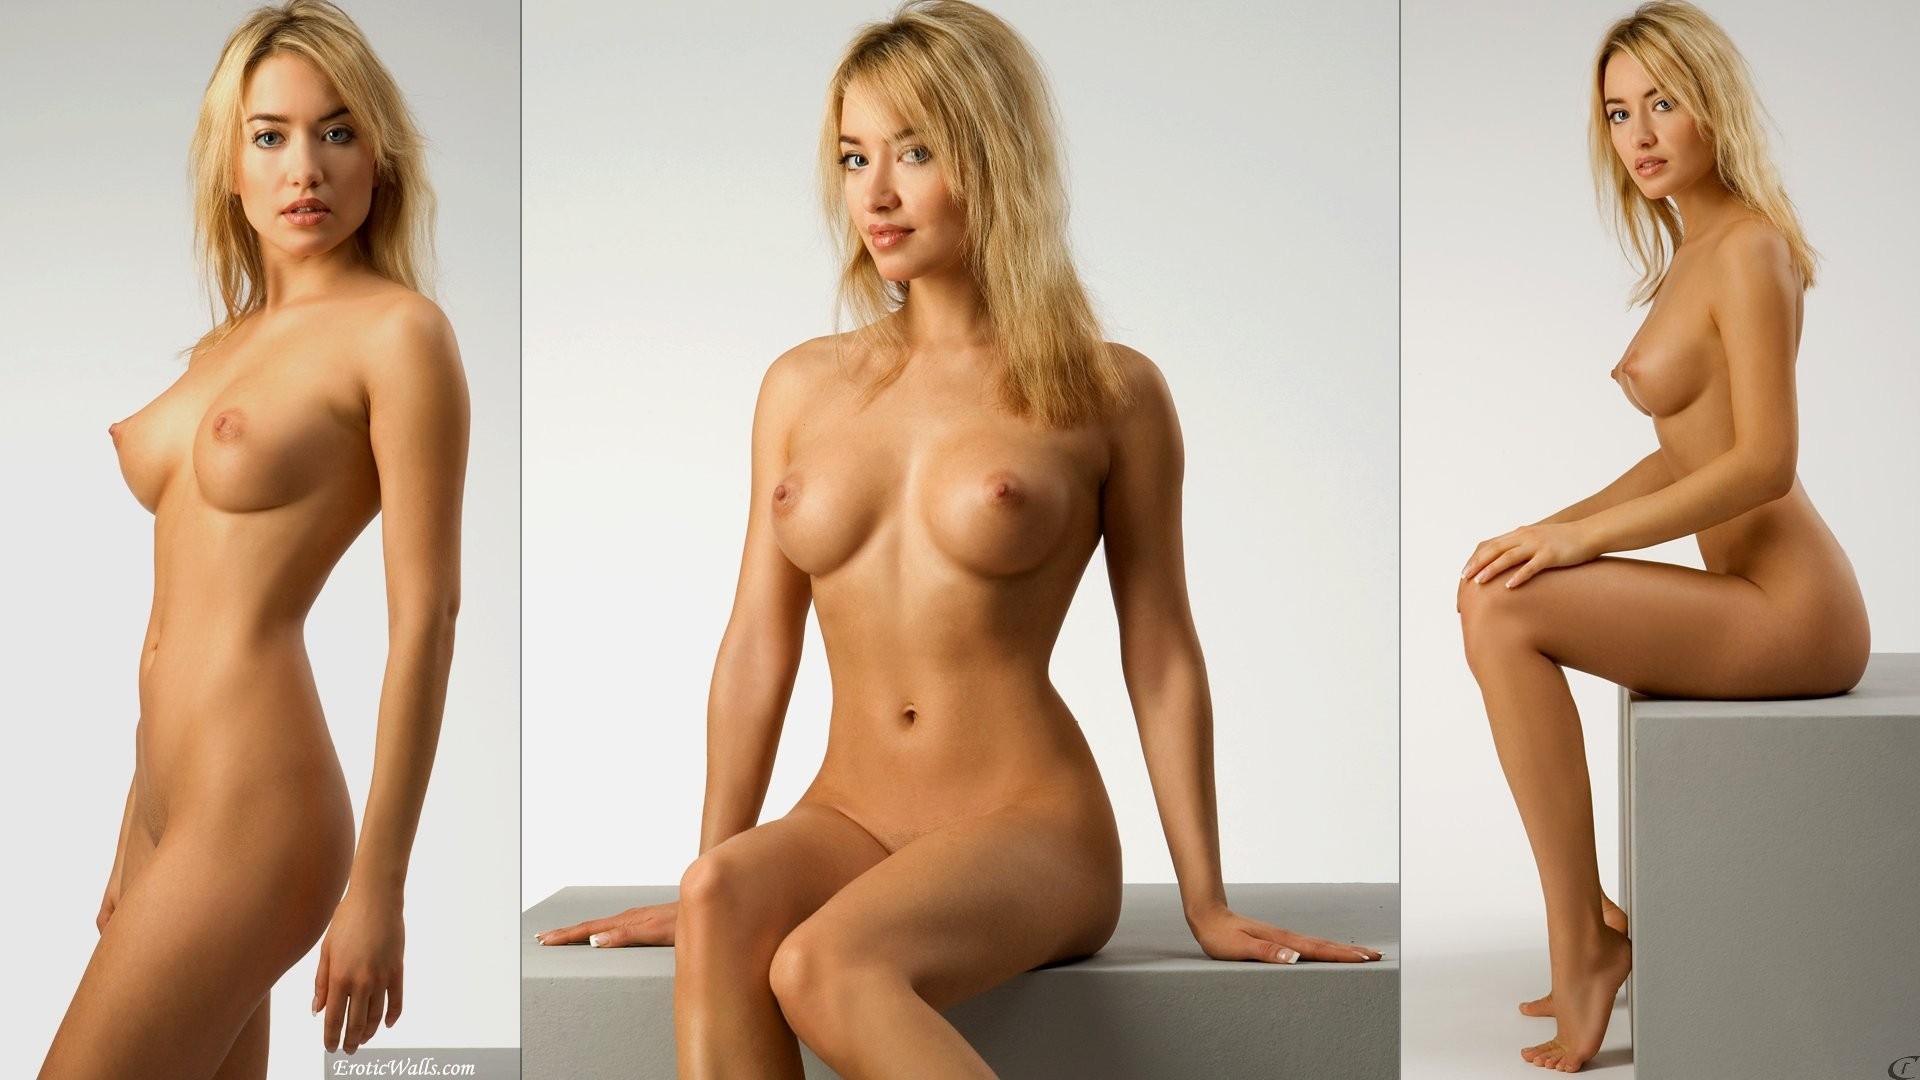 смотреть порнуху самыми красивыми с красивая фигура